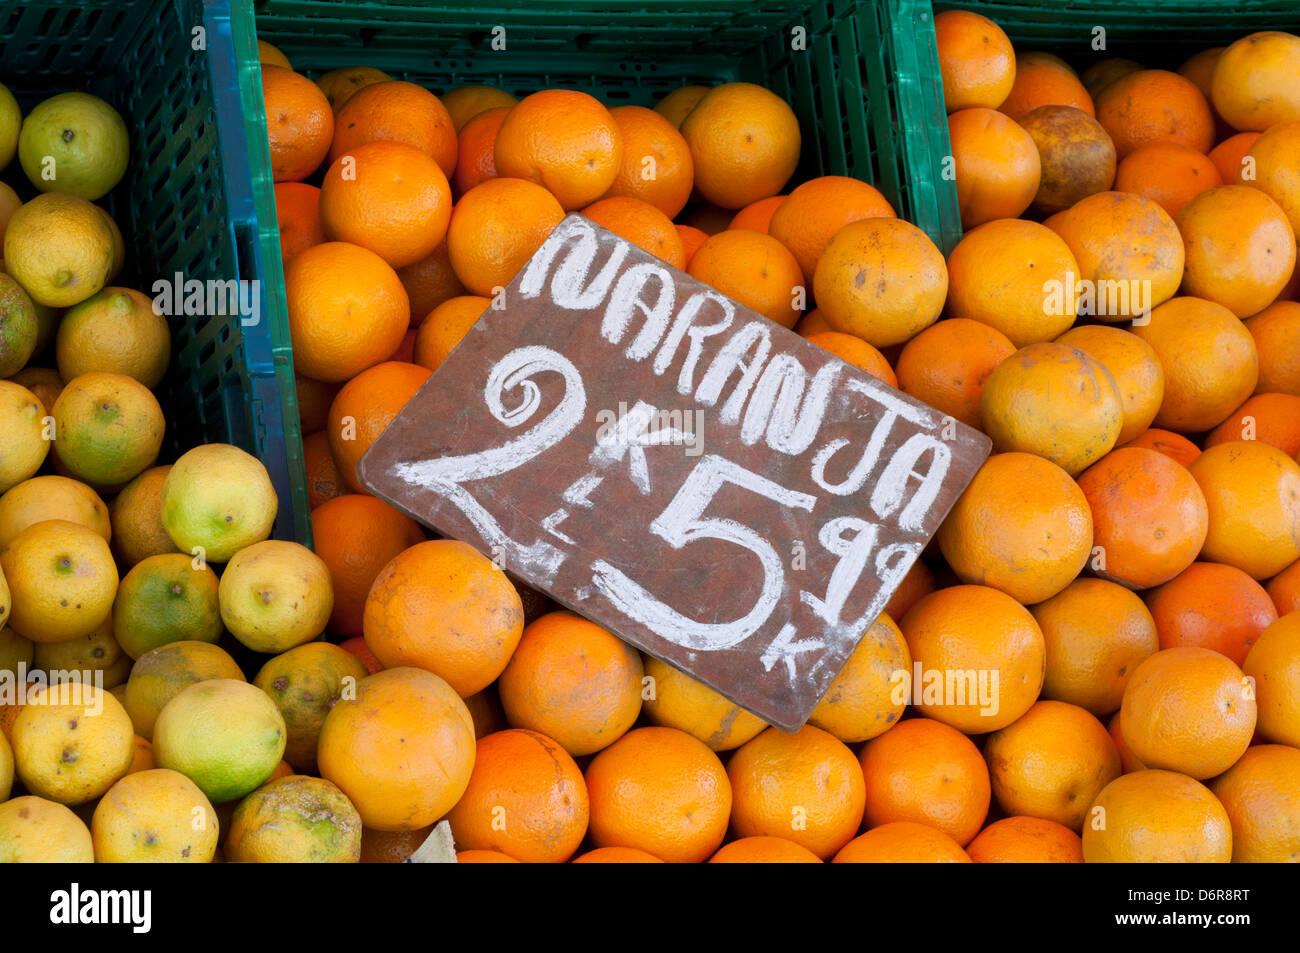 Orange fruit - Stock Image